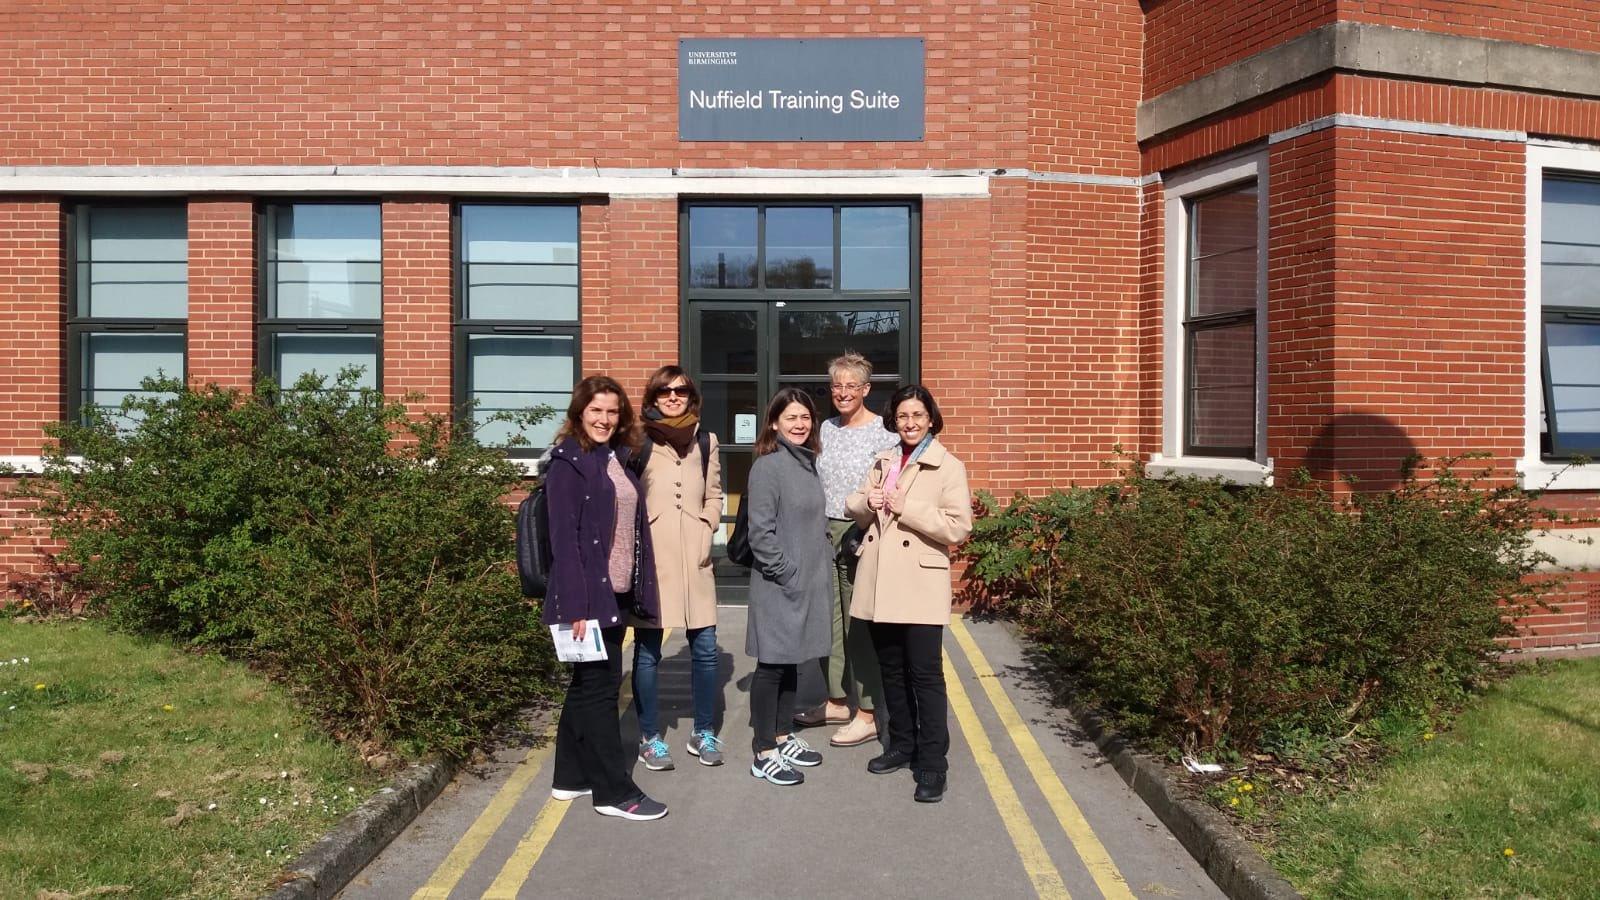 Birmingham visit